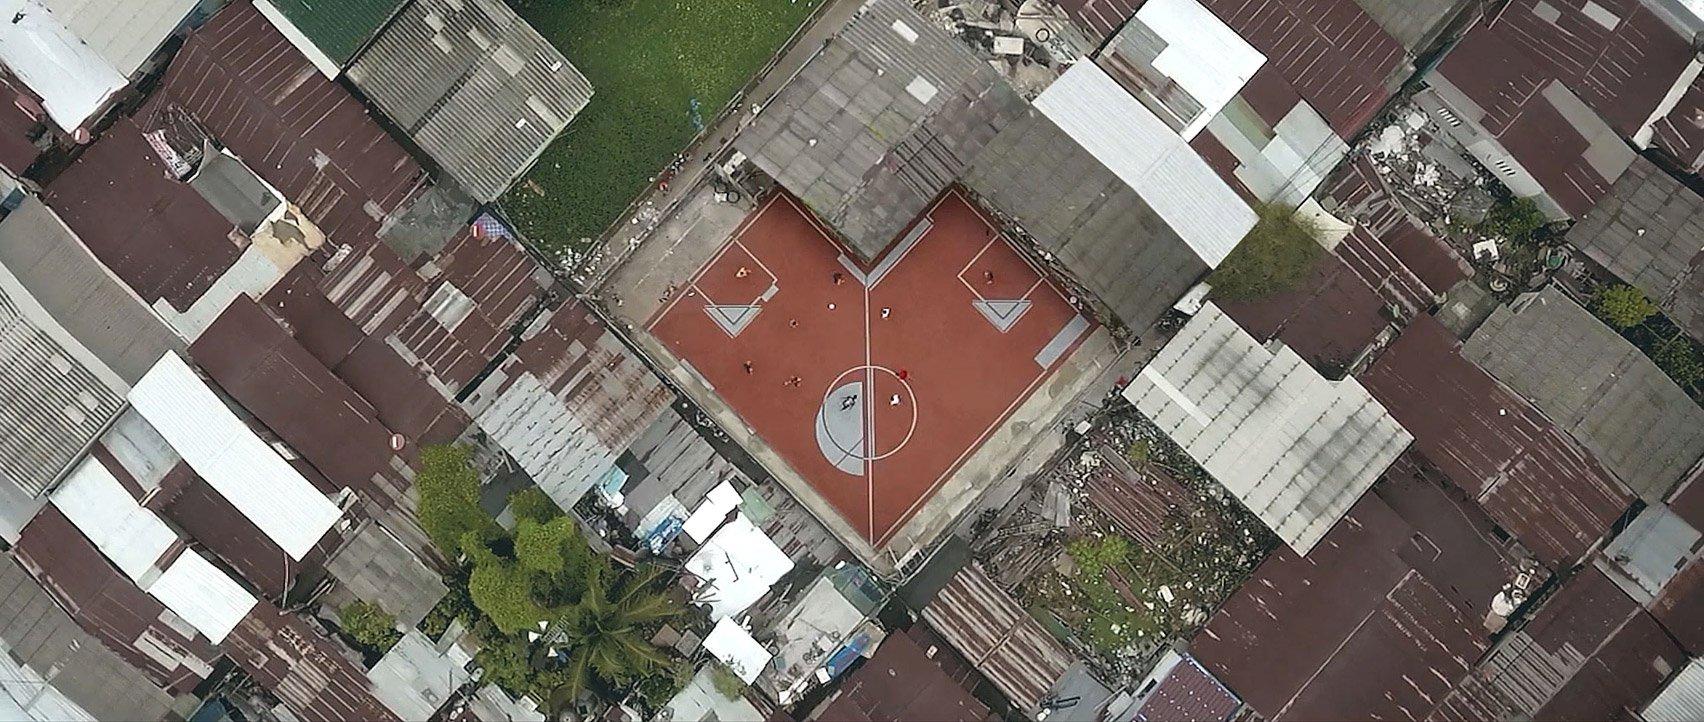 5. Футбольные поля неправильной формы от AP Thailand. Превращают неиспользующиеся клочки земли в цен